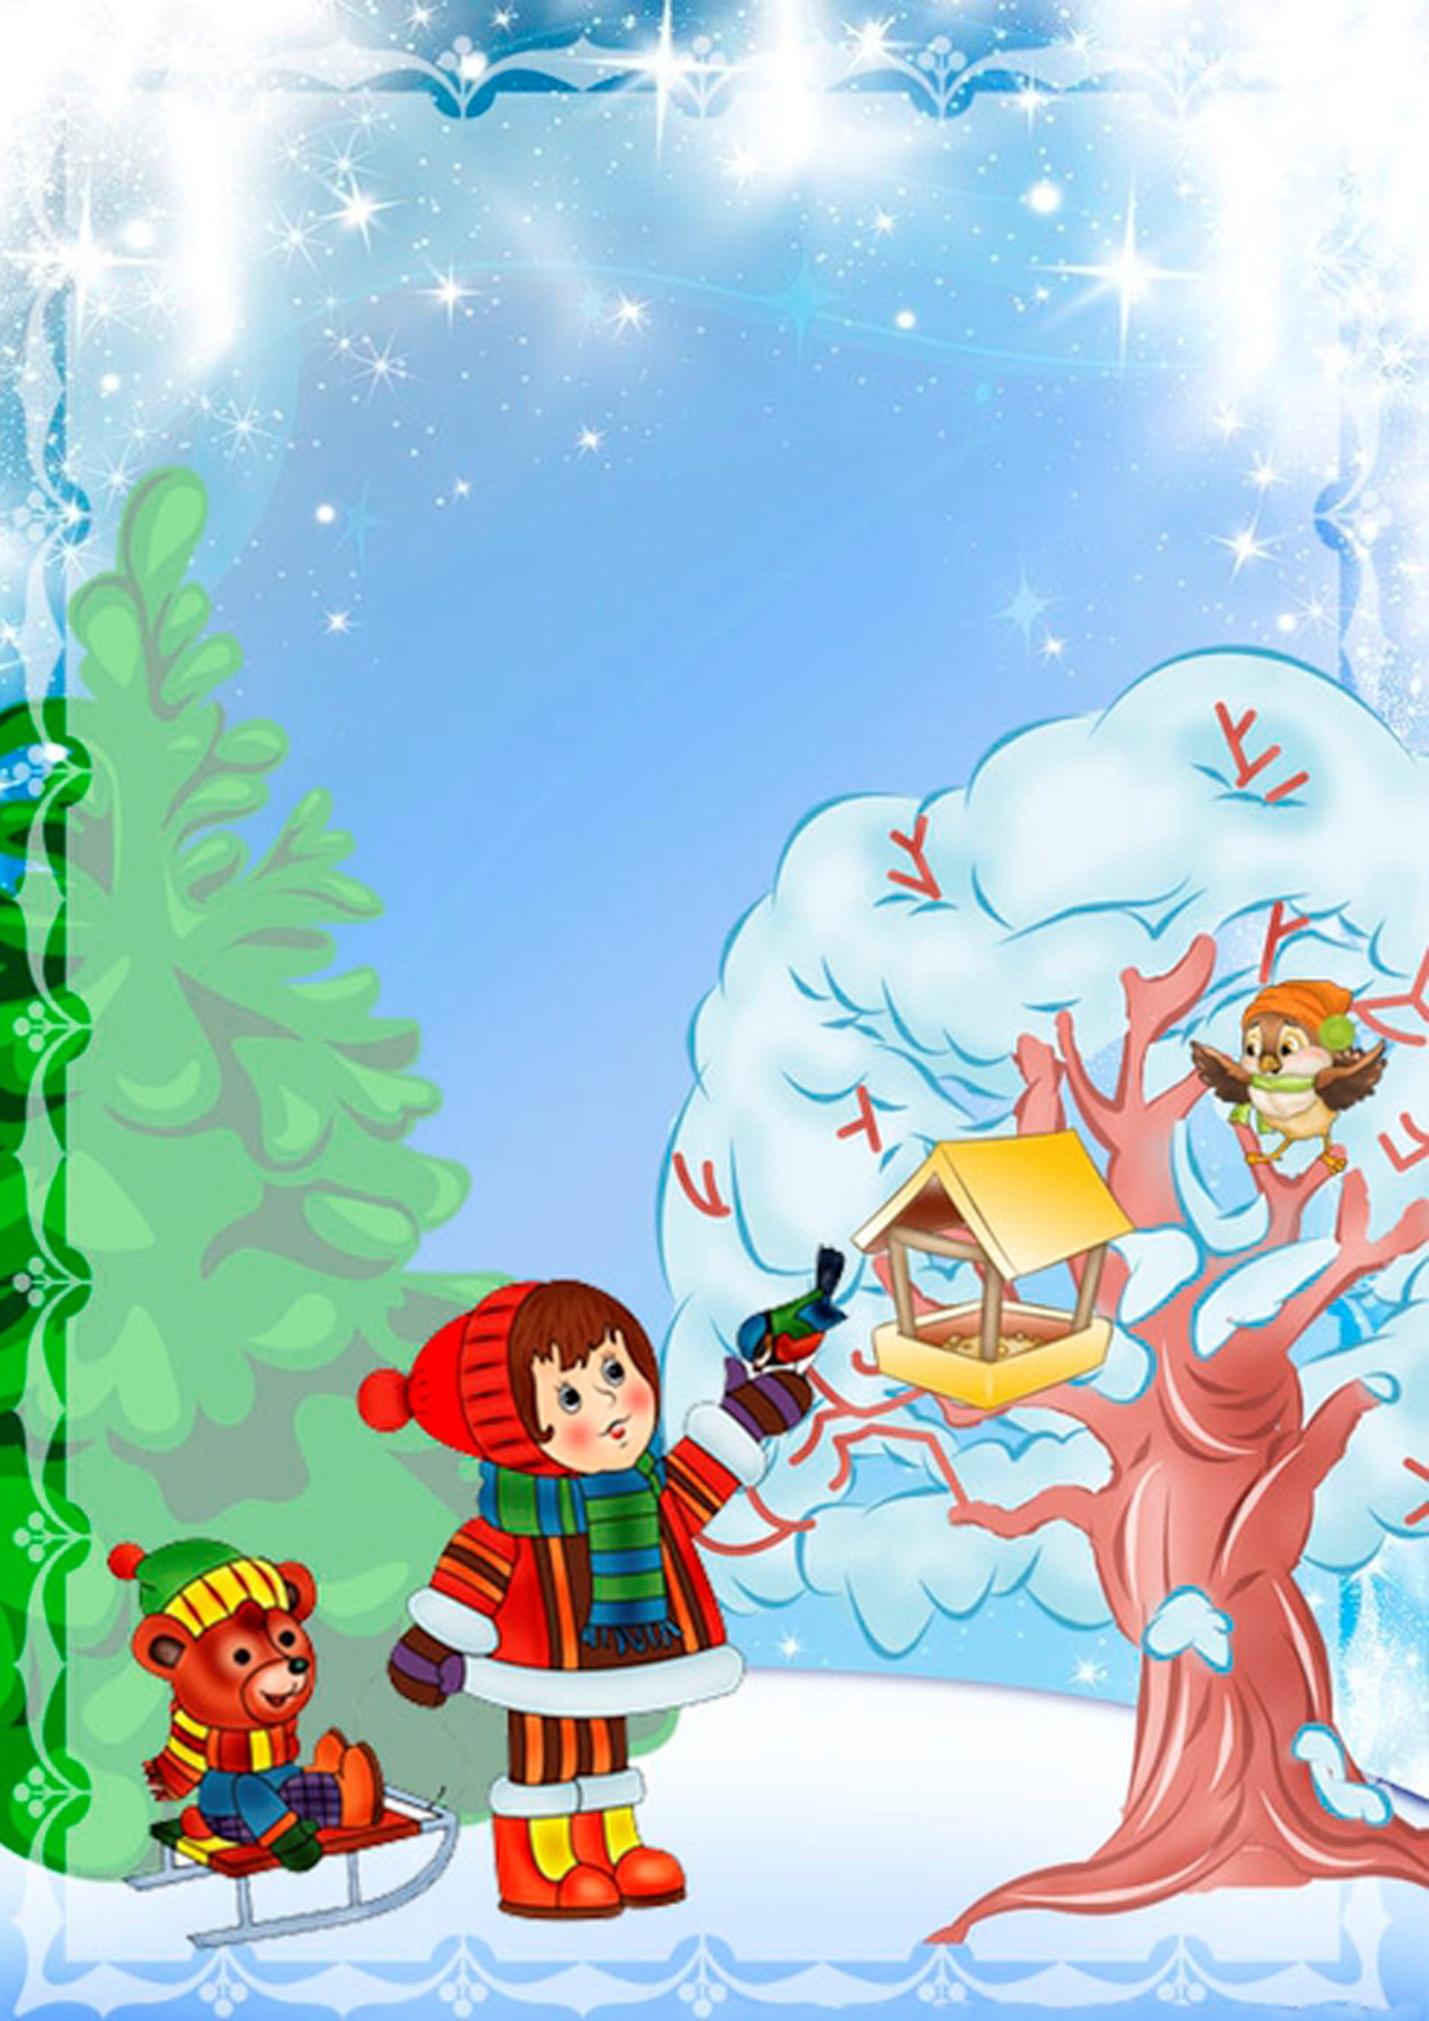 Зима картинки для детей в детском саду для оформления группы